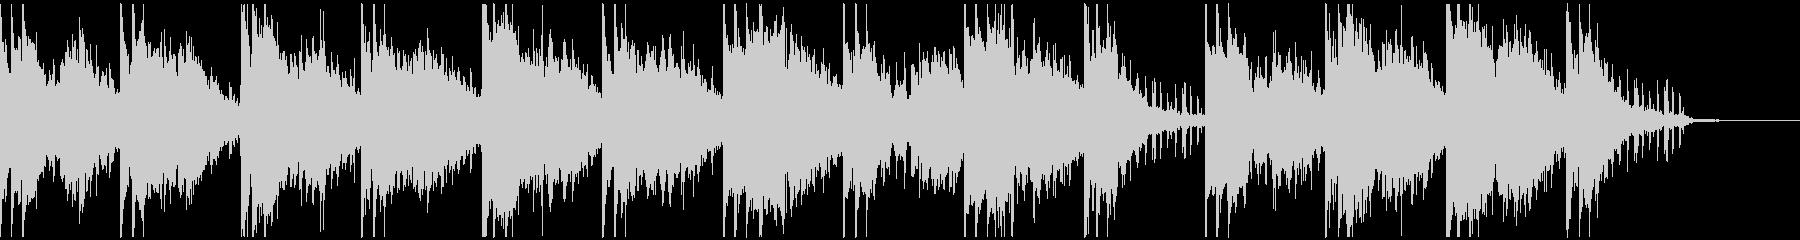 スタイリッシュなテクスチャー楽曲生音使用の未再生の波形